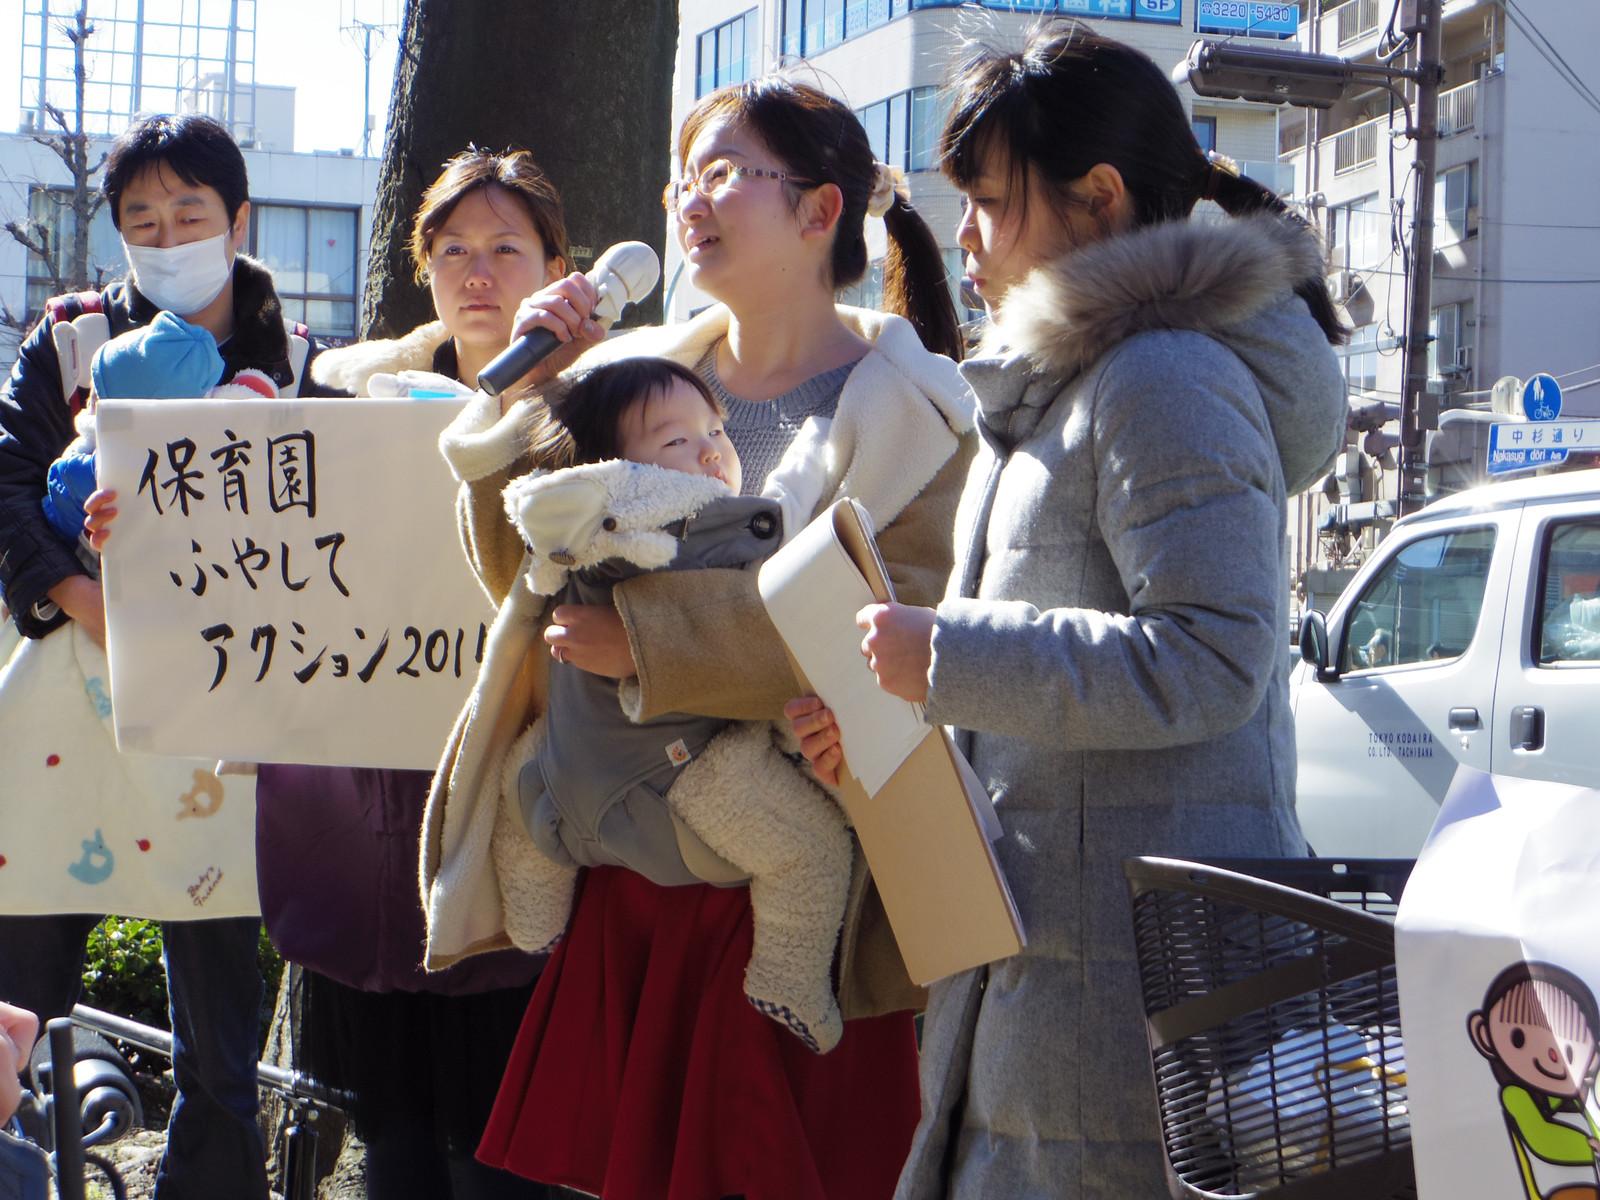 「子どもを保育園に入れたい」と訴える保護者=2日、東京都杉並区役所前